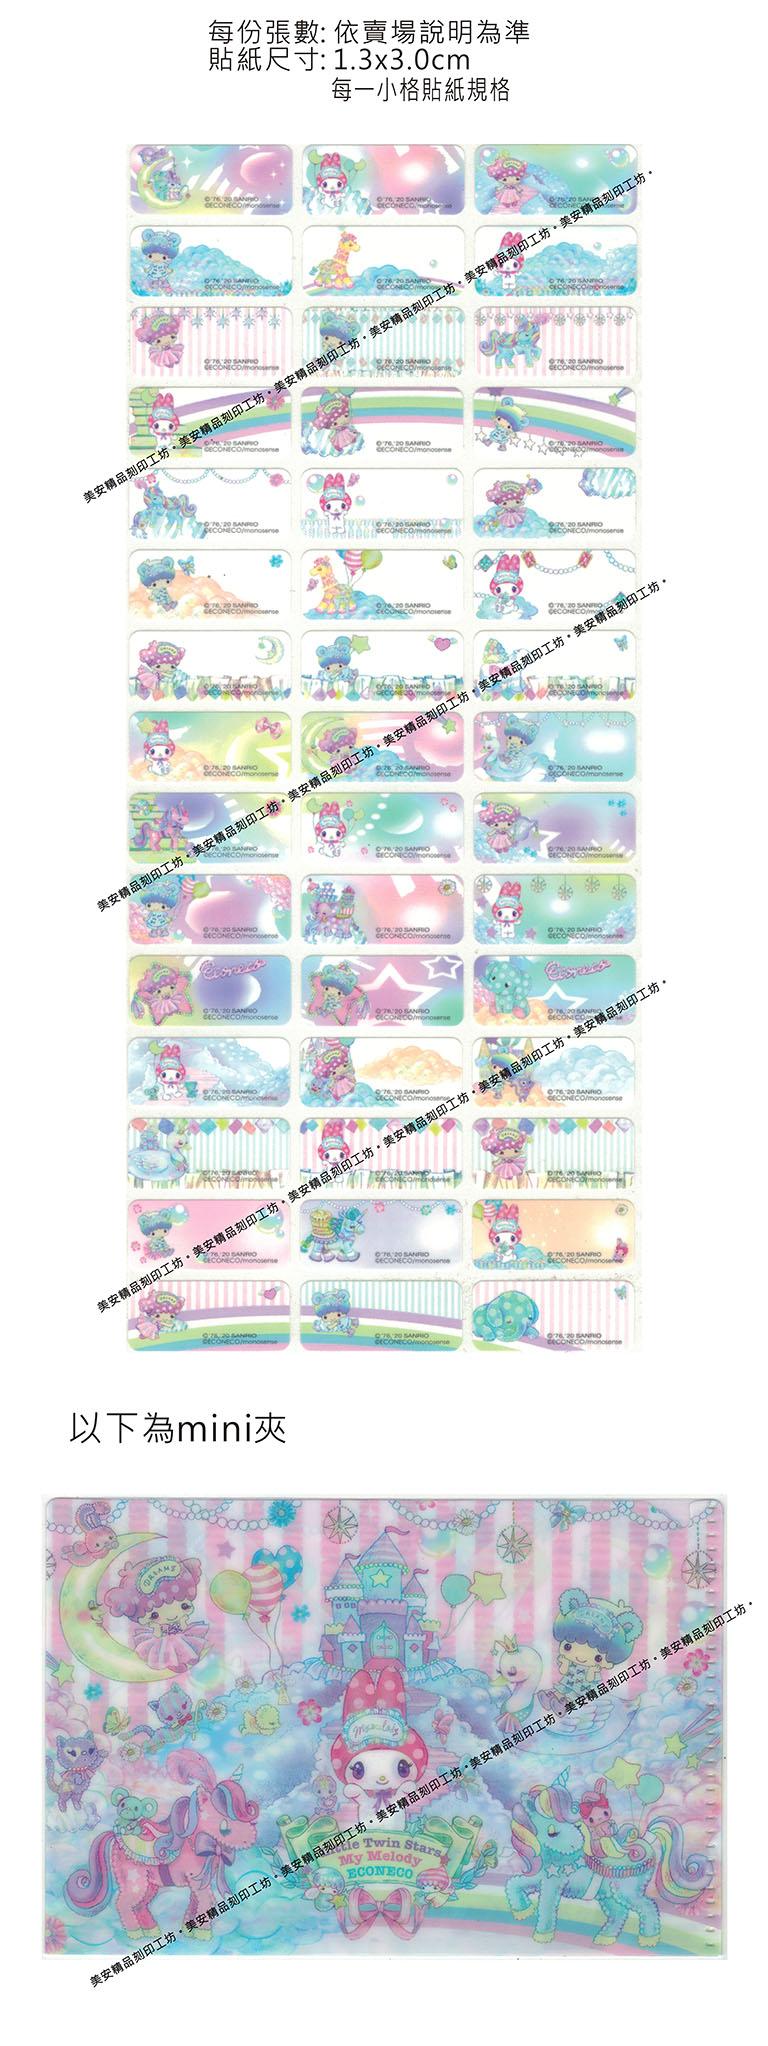 EG款美樂蒂x雙星仙子x獨角獸-中款144張姓名貼紙